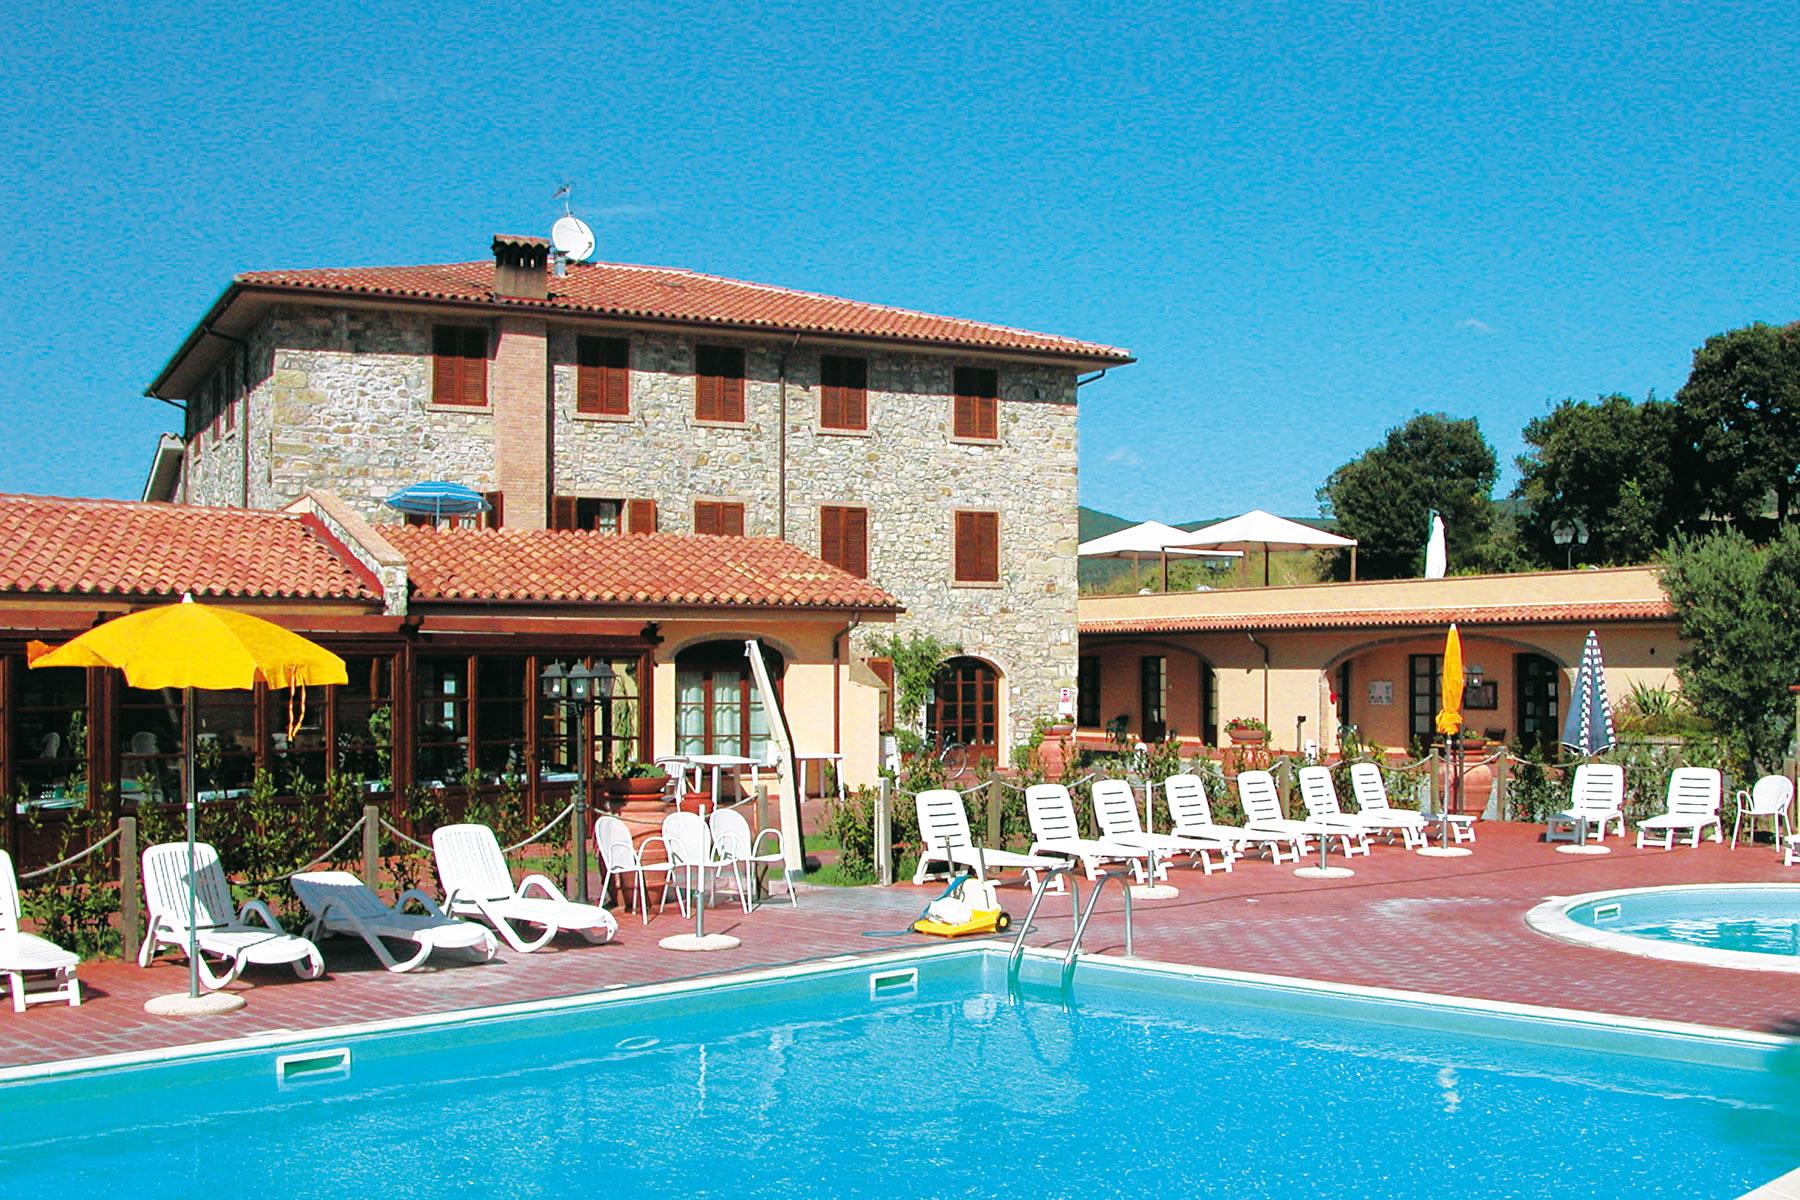 Hotel con piscina pomaia toscana hotel pieve di pomaia nexus hotels - Hotel con piscina toscana ...